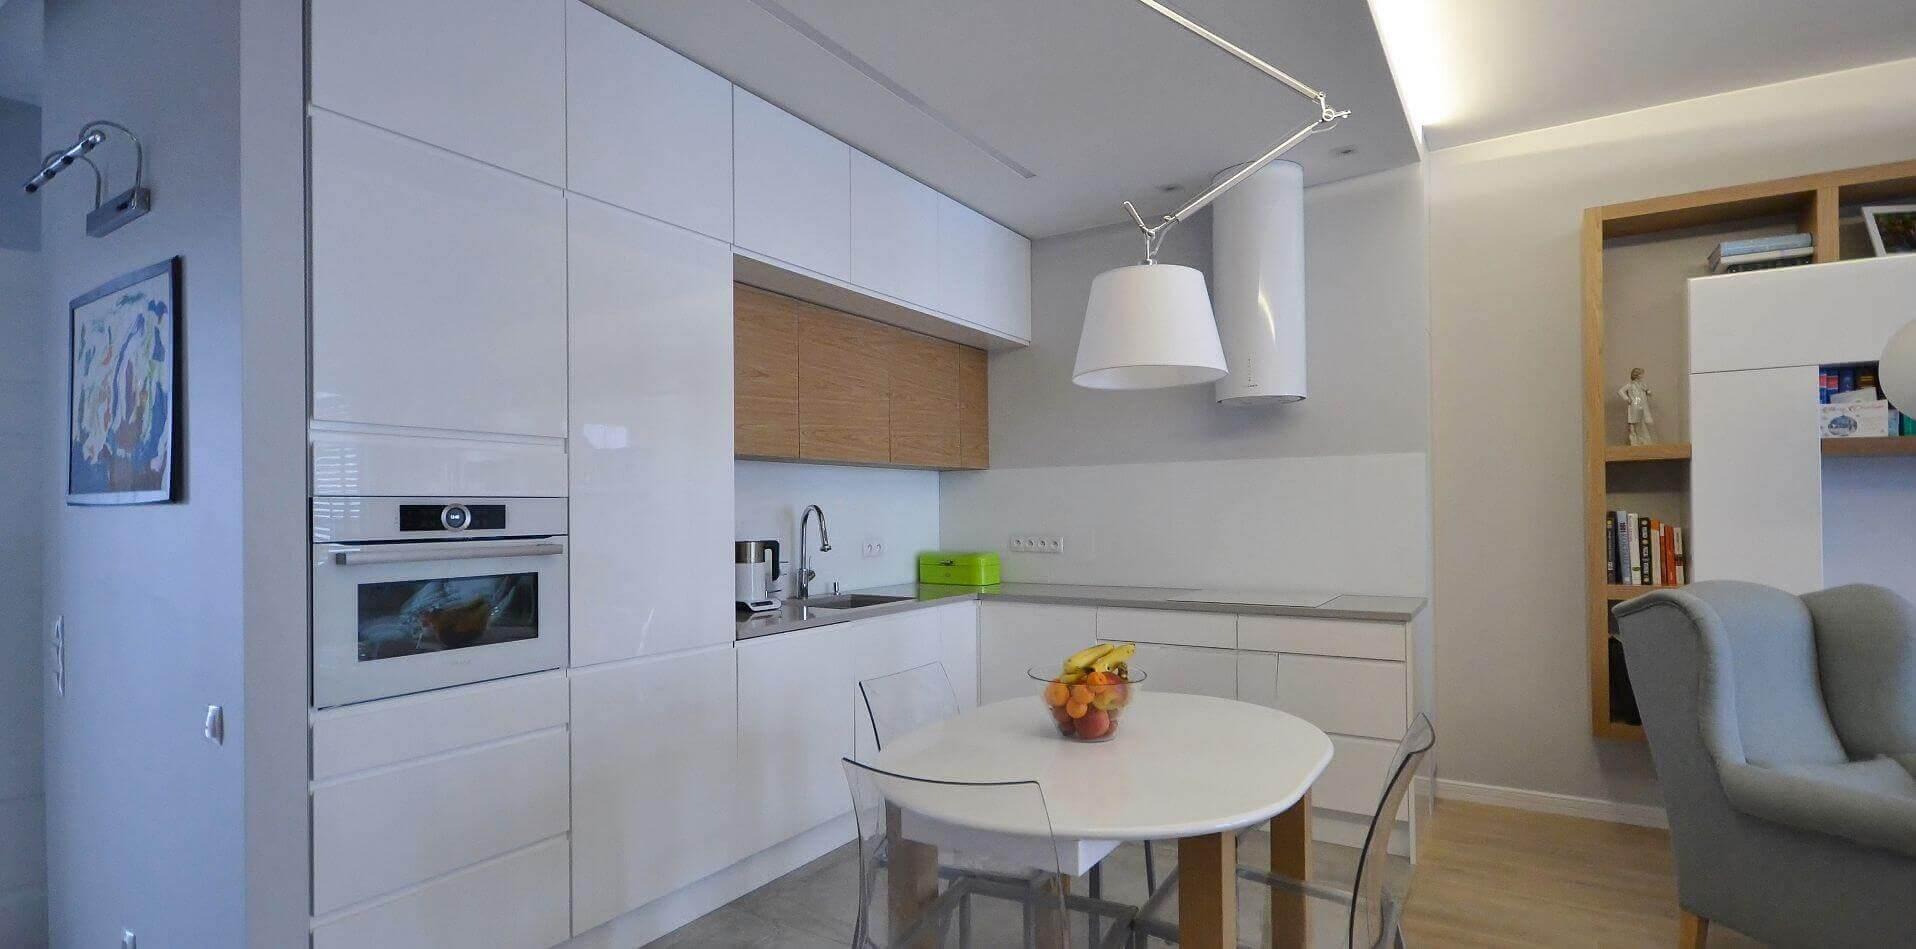 aranżacja wnętrz - kuchnia